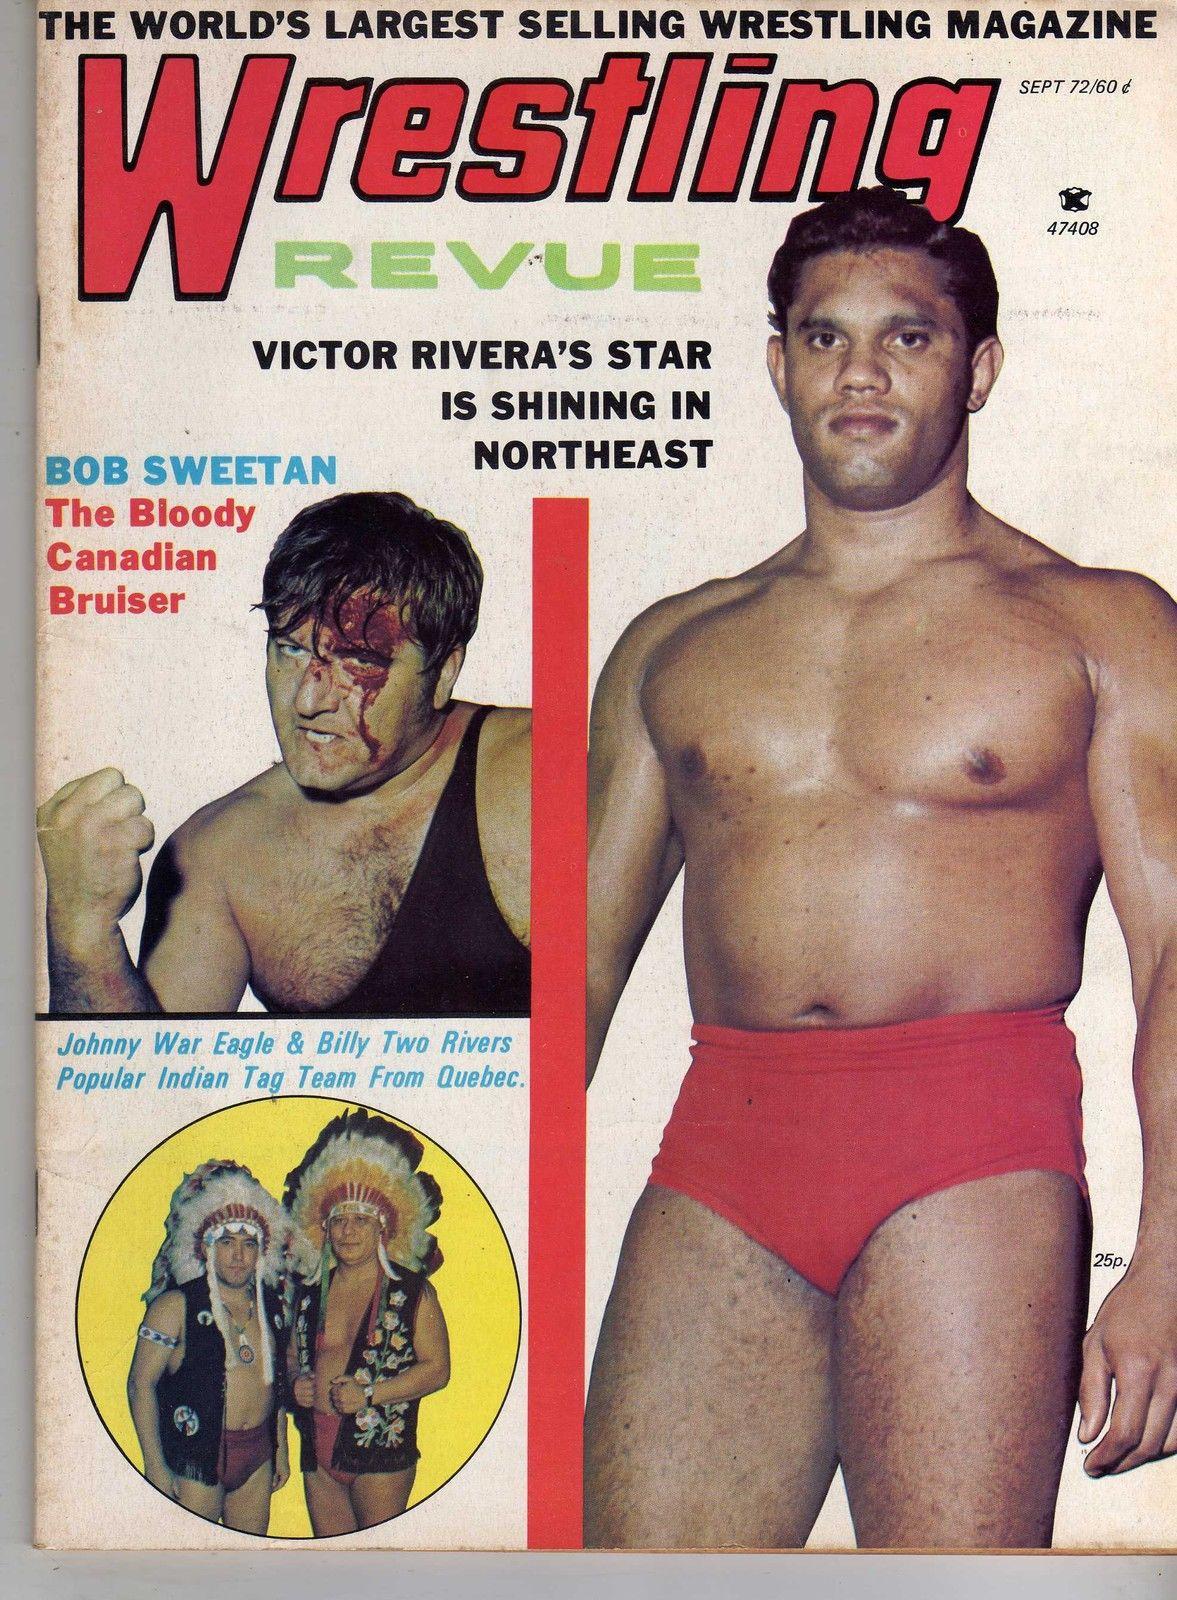 Wrestling Revue - September 1972